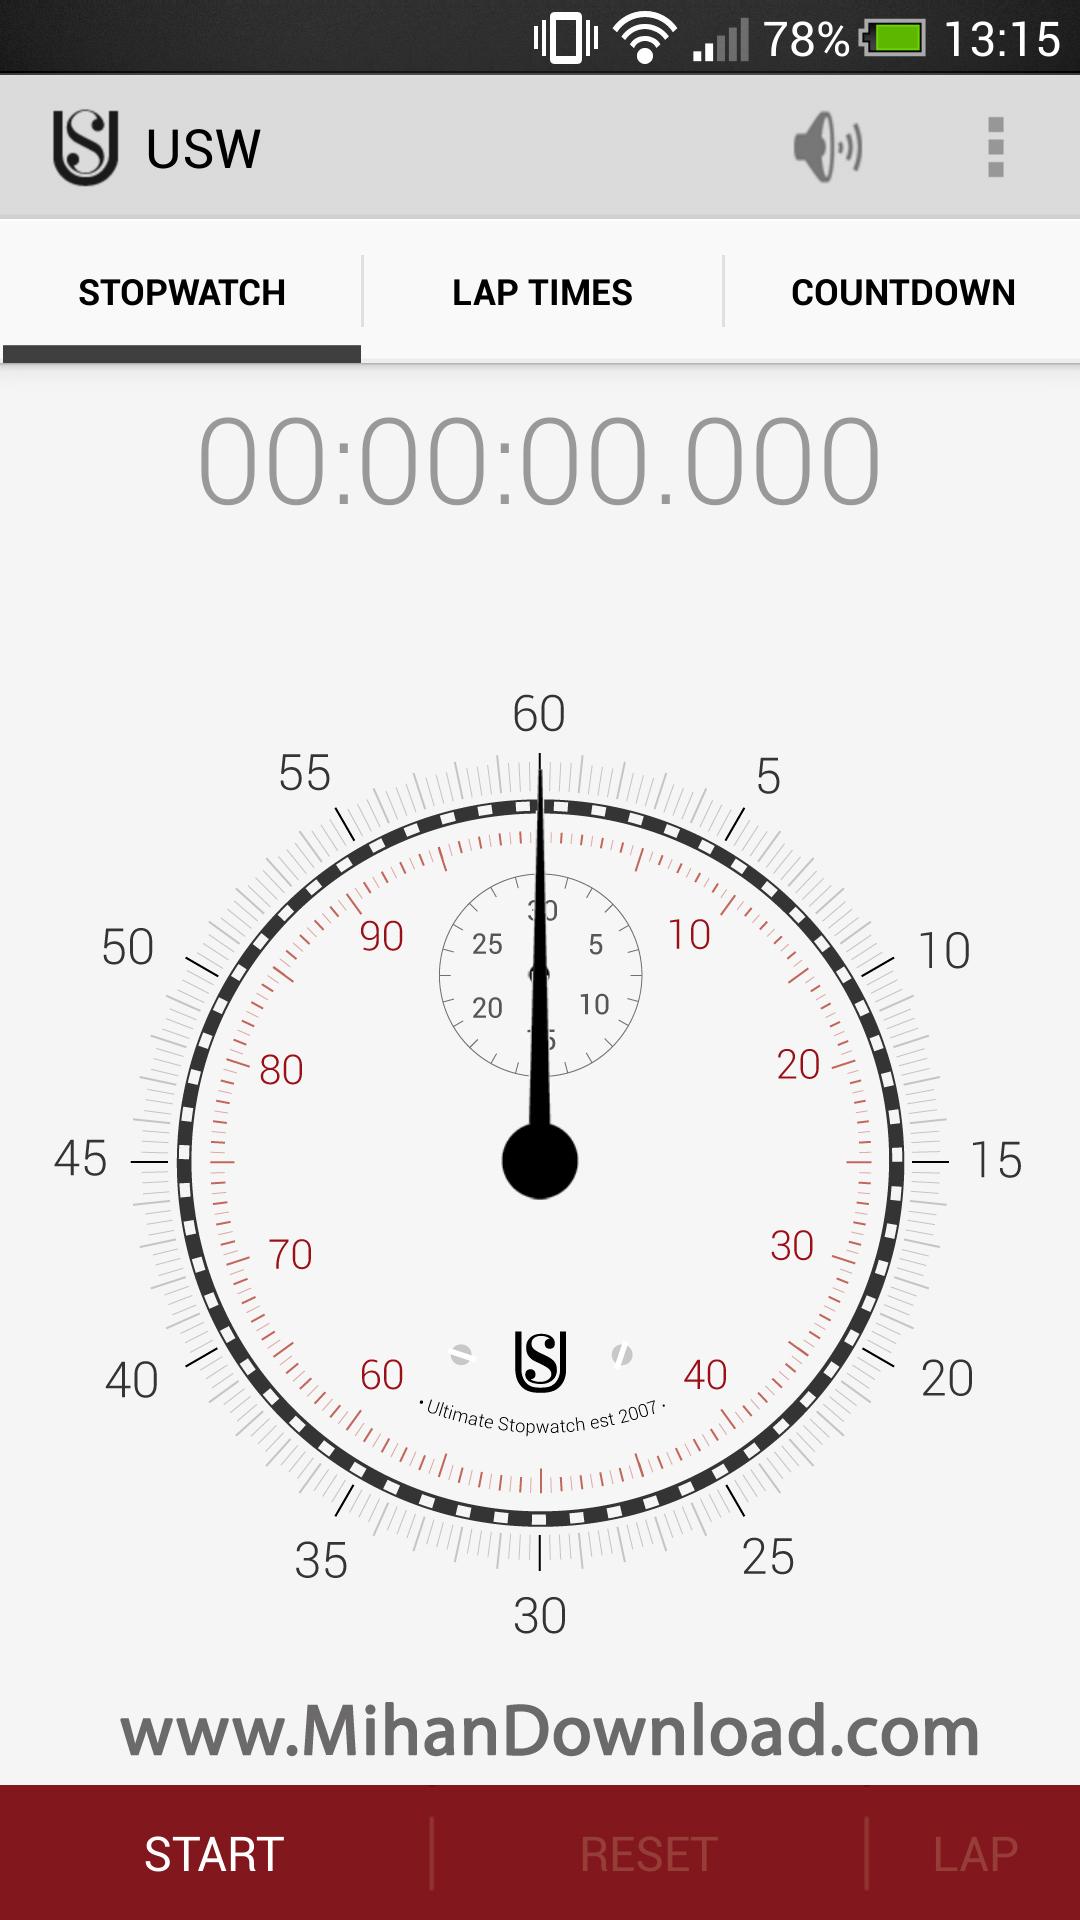 1376641437 2013 08 14 13.15 دانلود نرم افزار Ultimate Stopwatch and Timer   اندروید